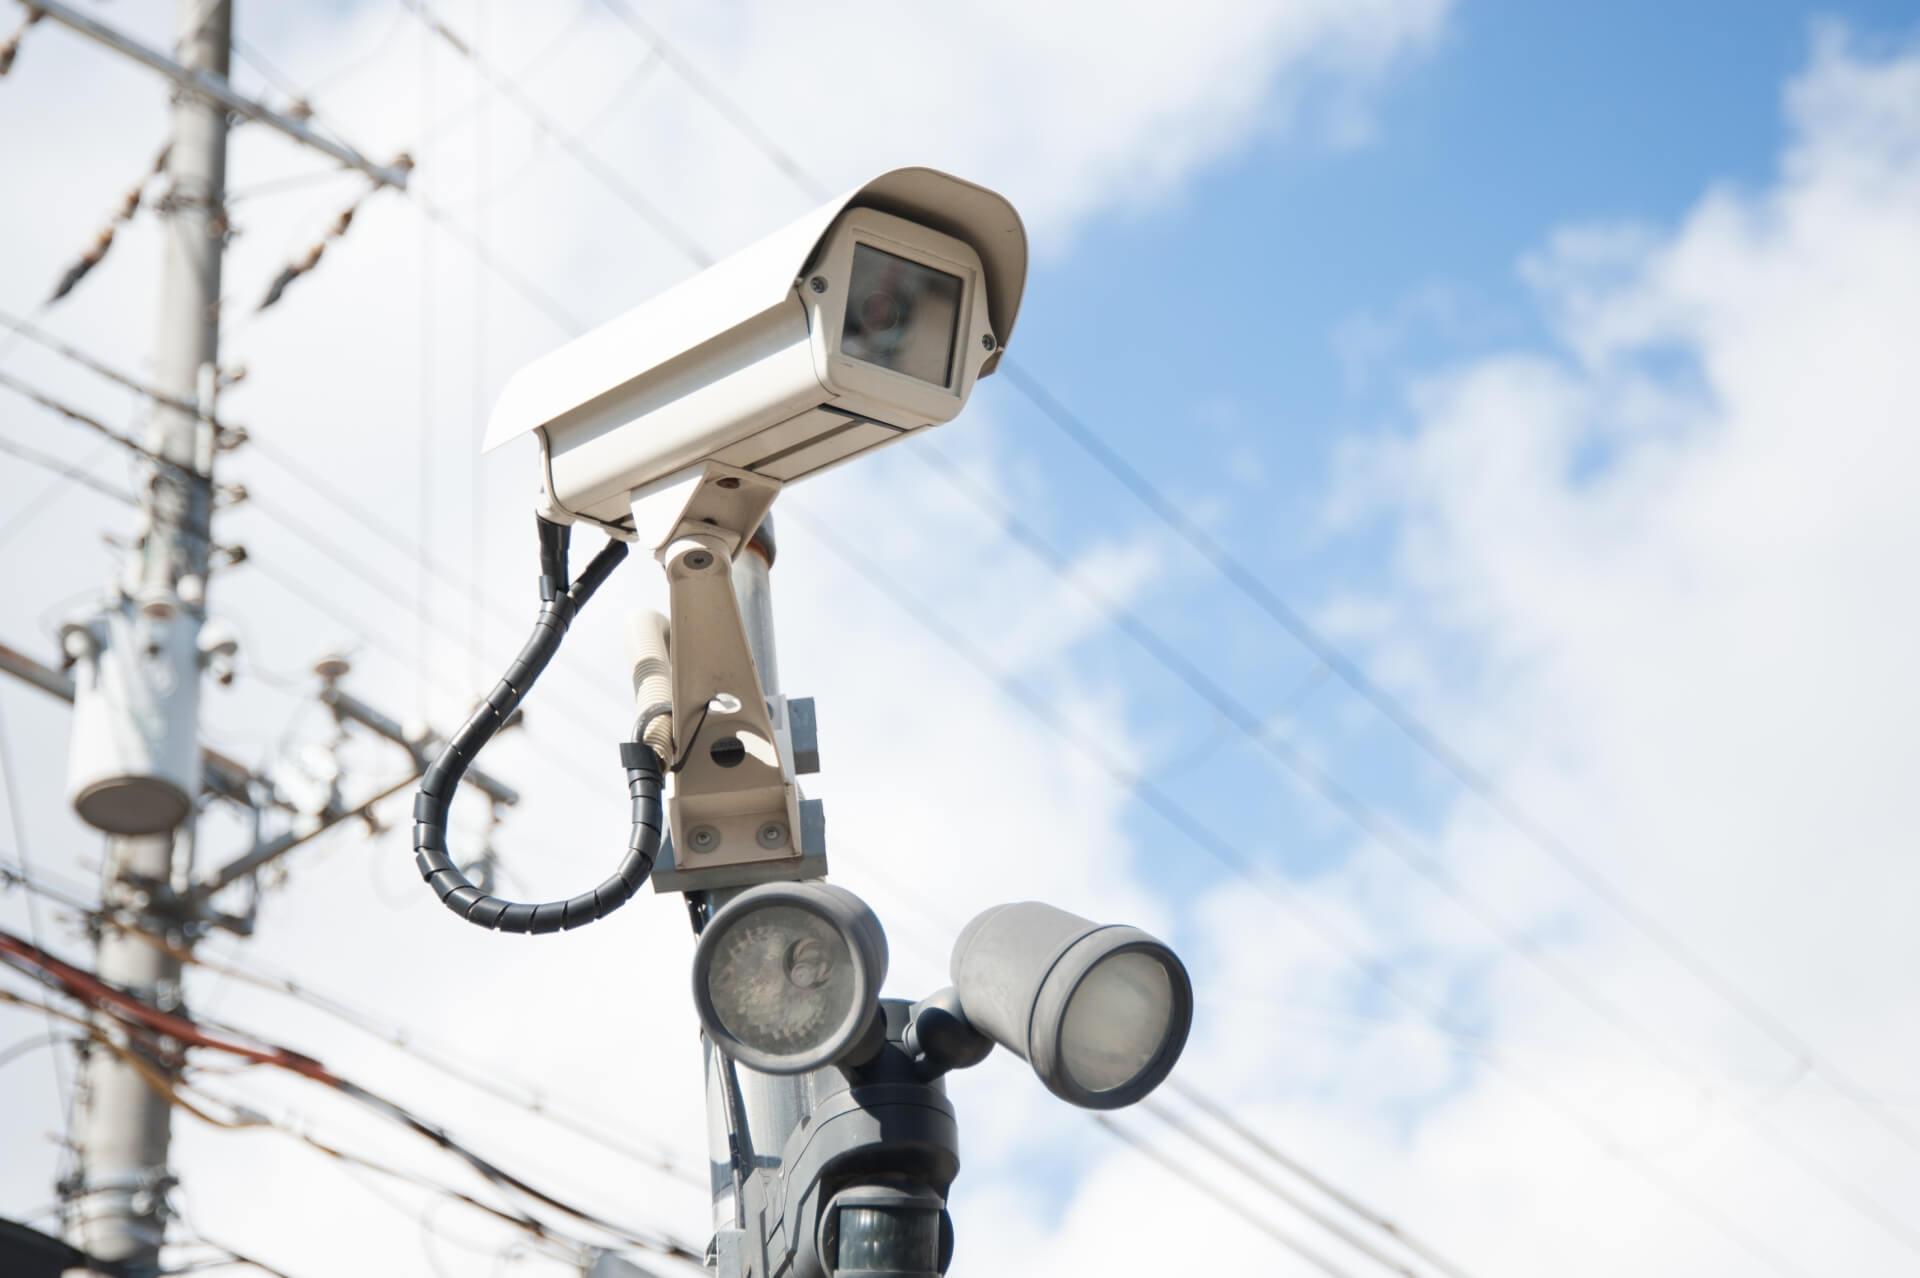 防犯カメラを設置すべき理由と選び方